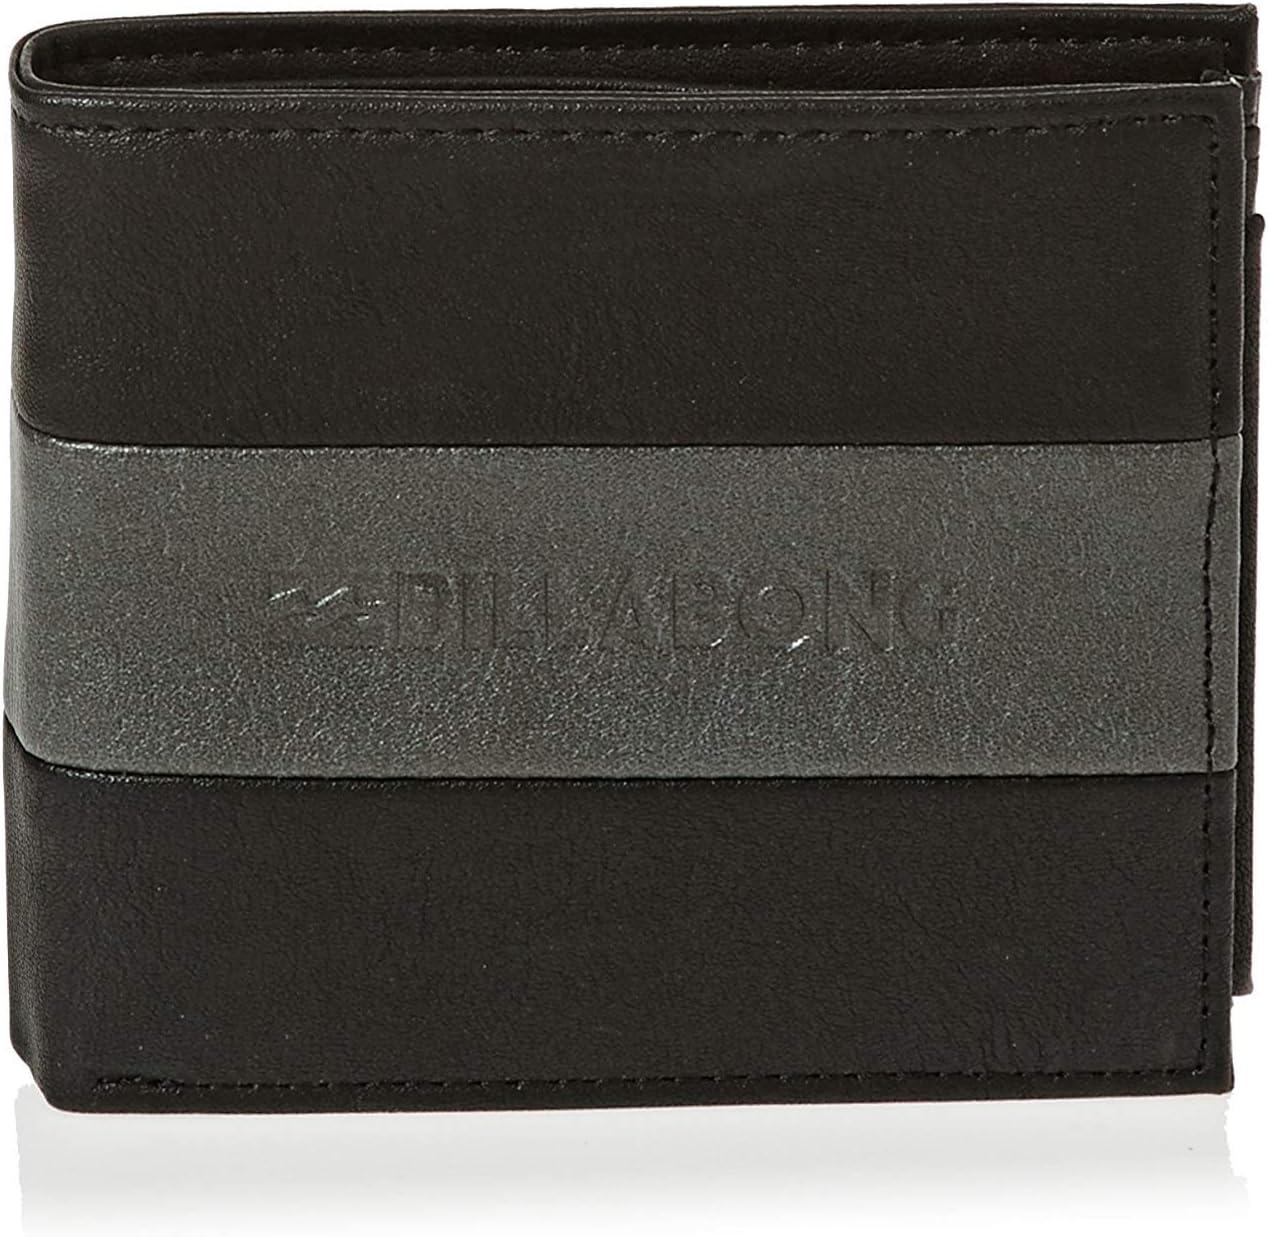 BILLABONG™ - Wallet - Men - U - Negro